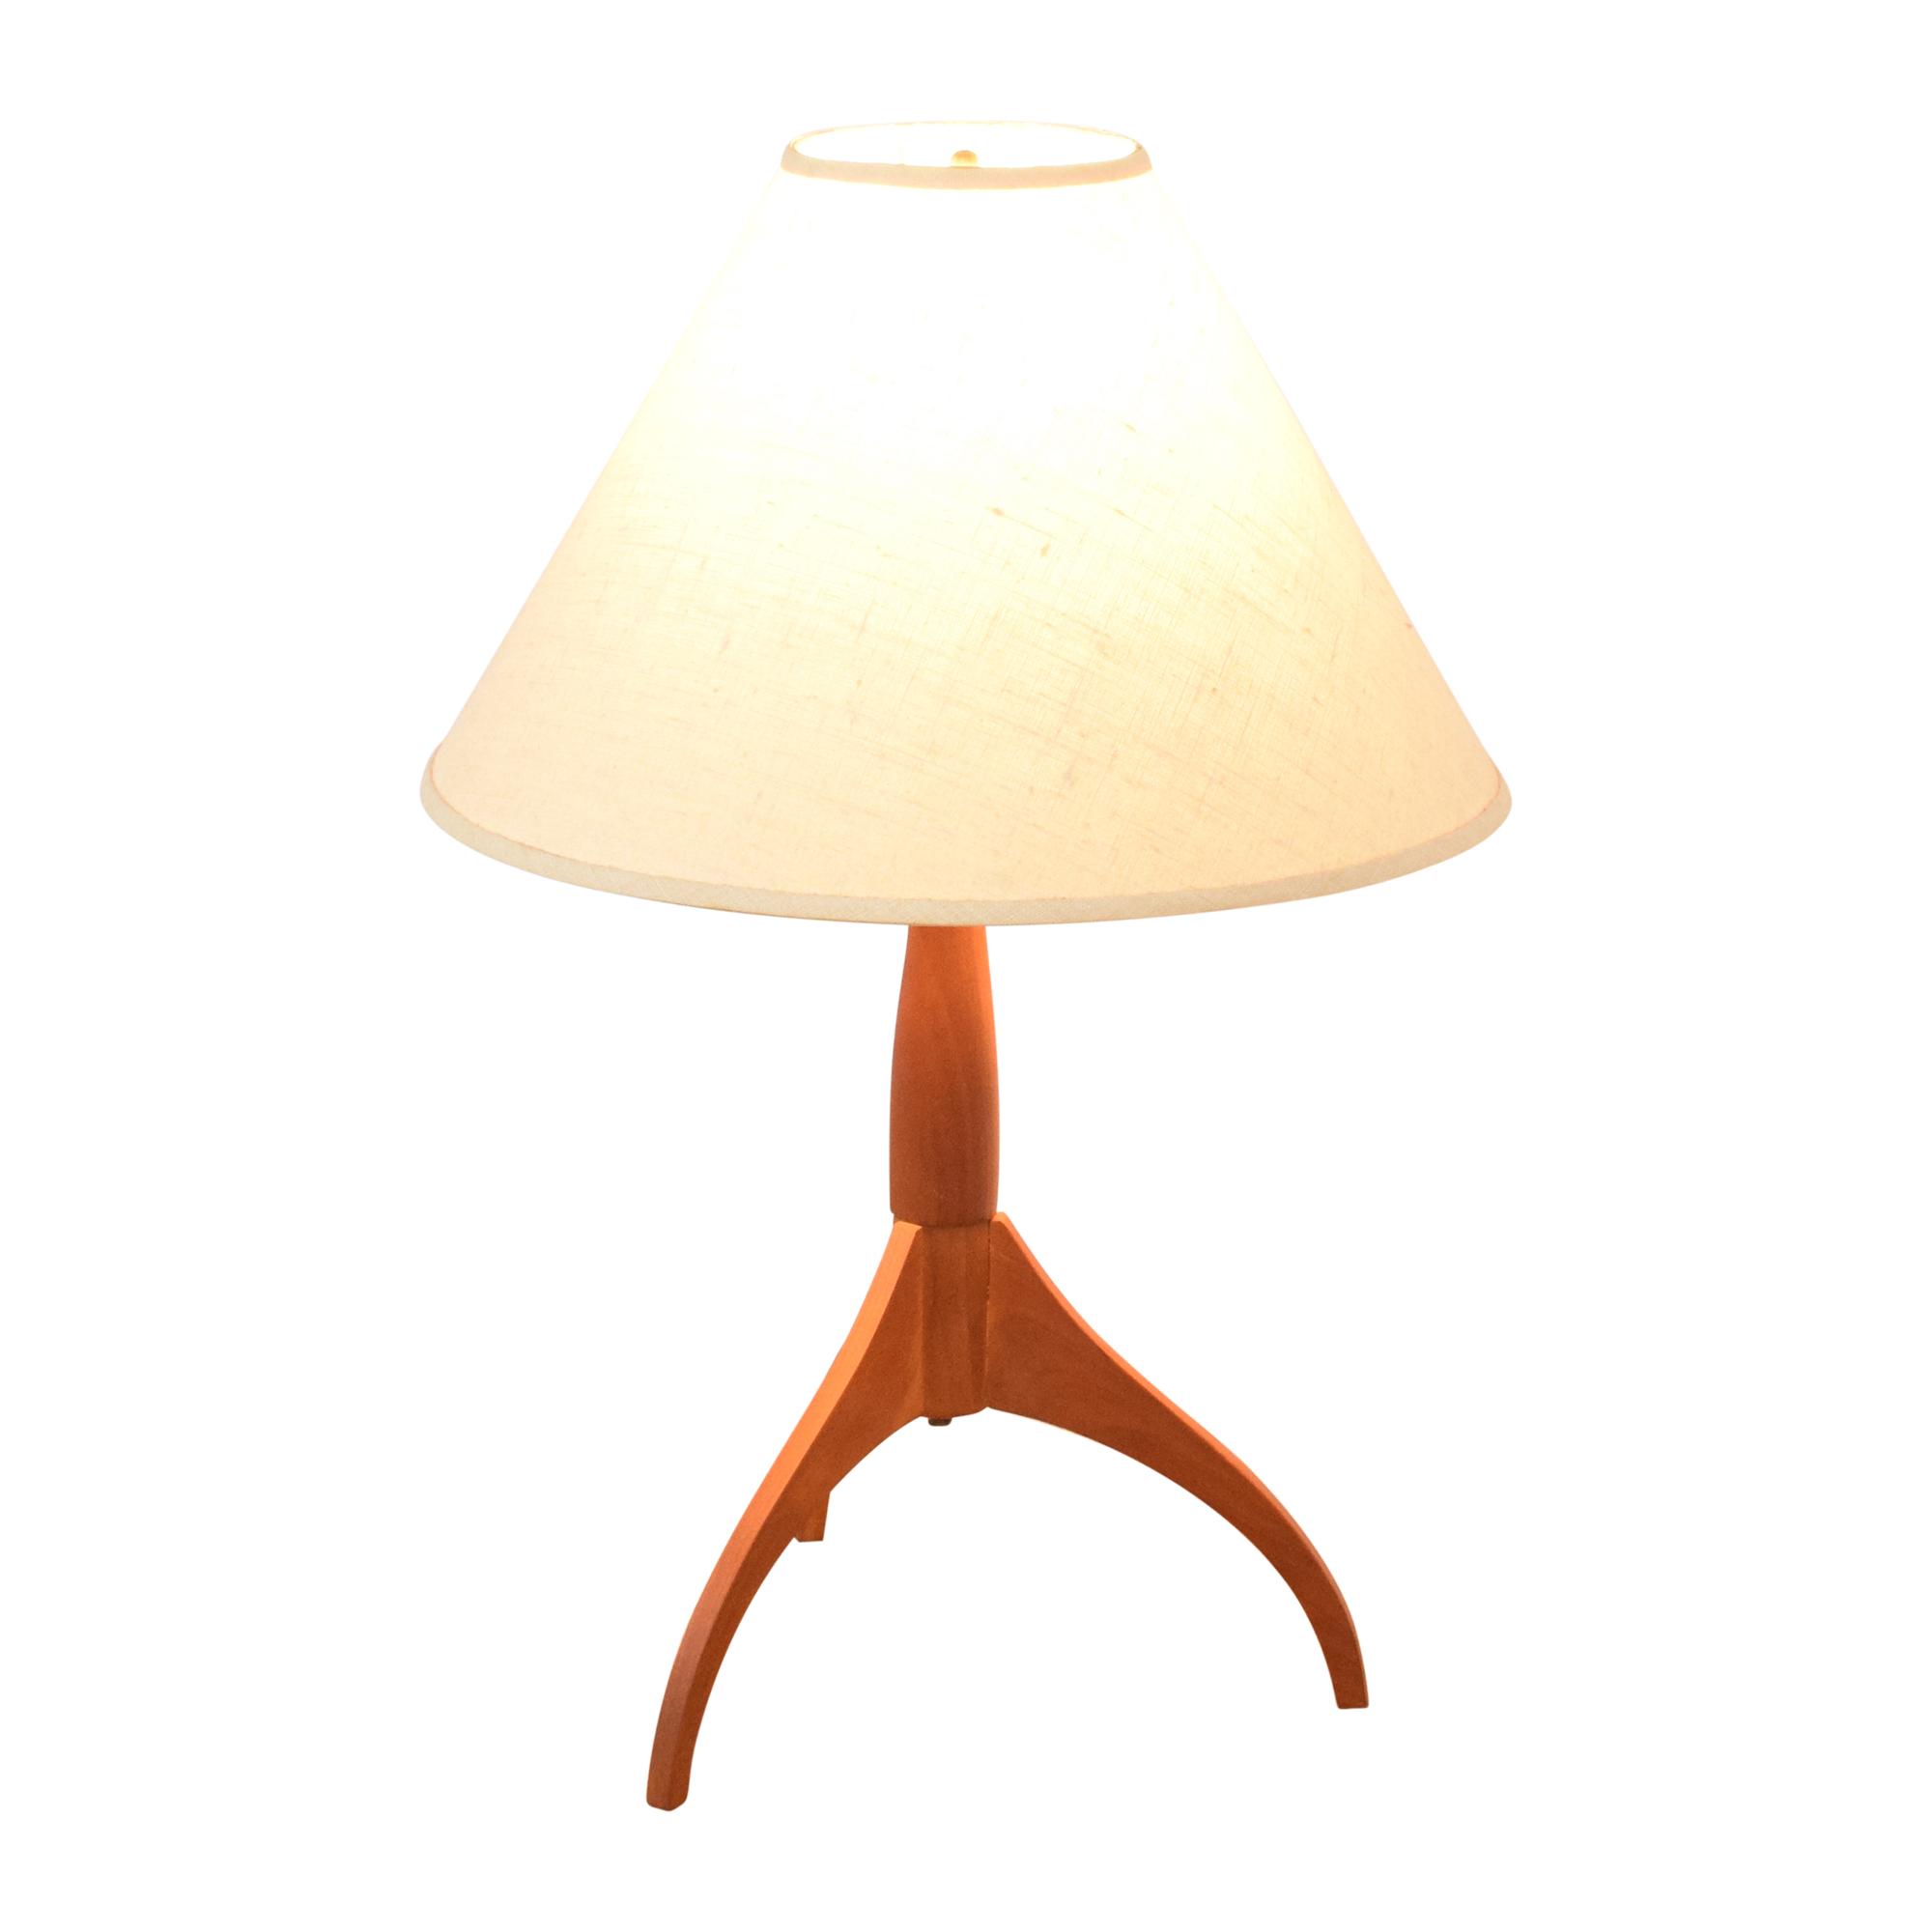 Shaker Workshops Shaker Workshops Table Lamp Lamps